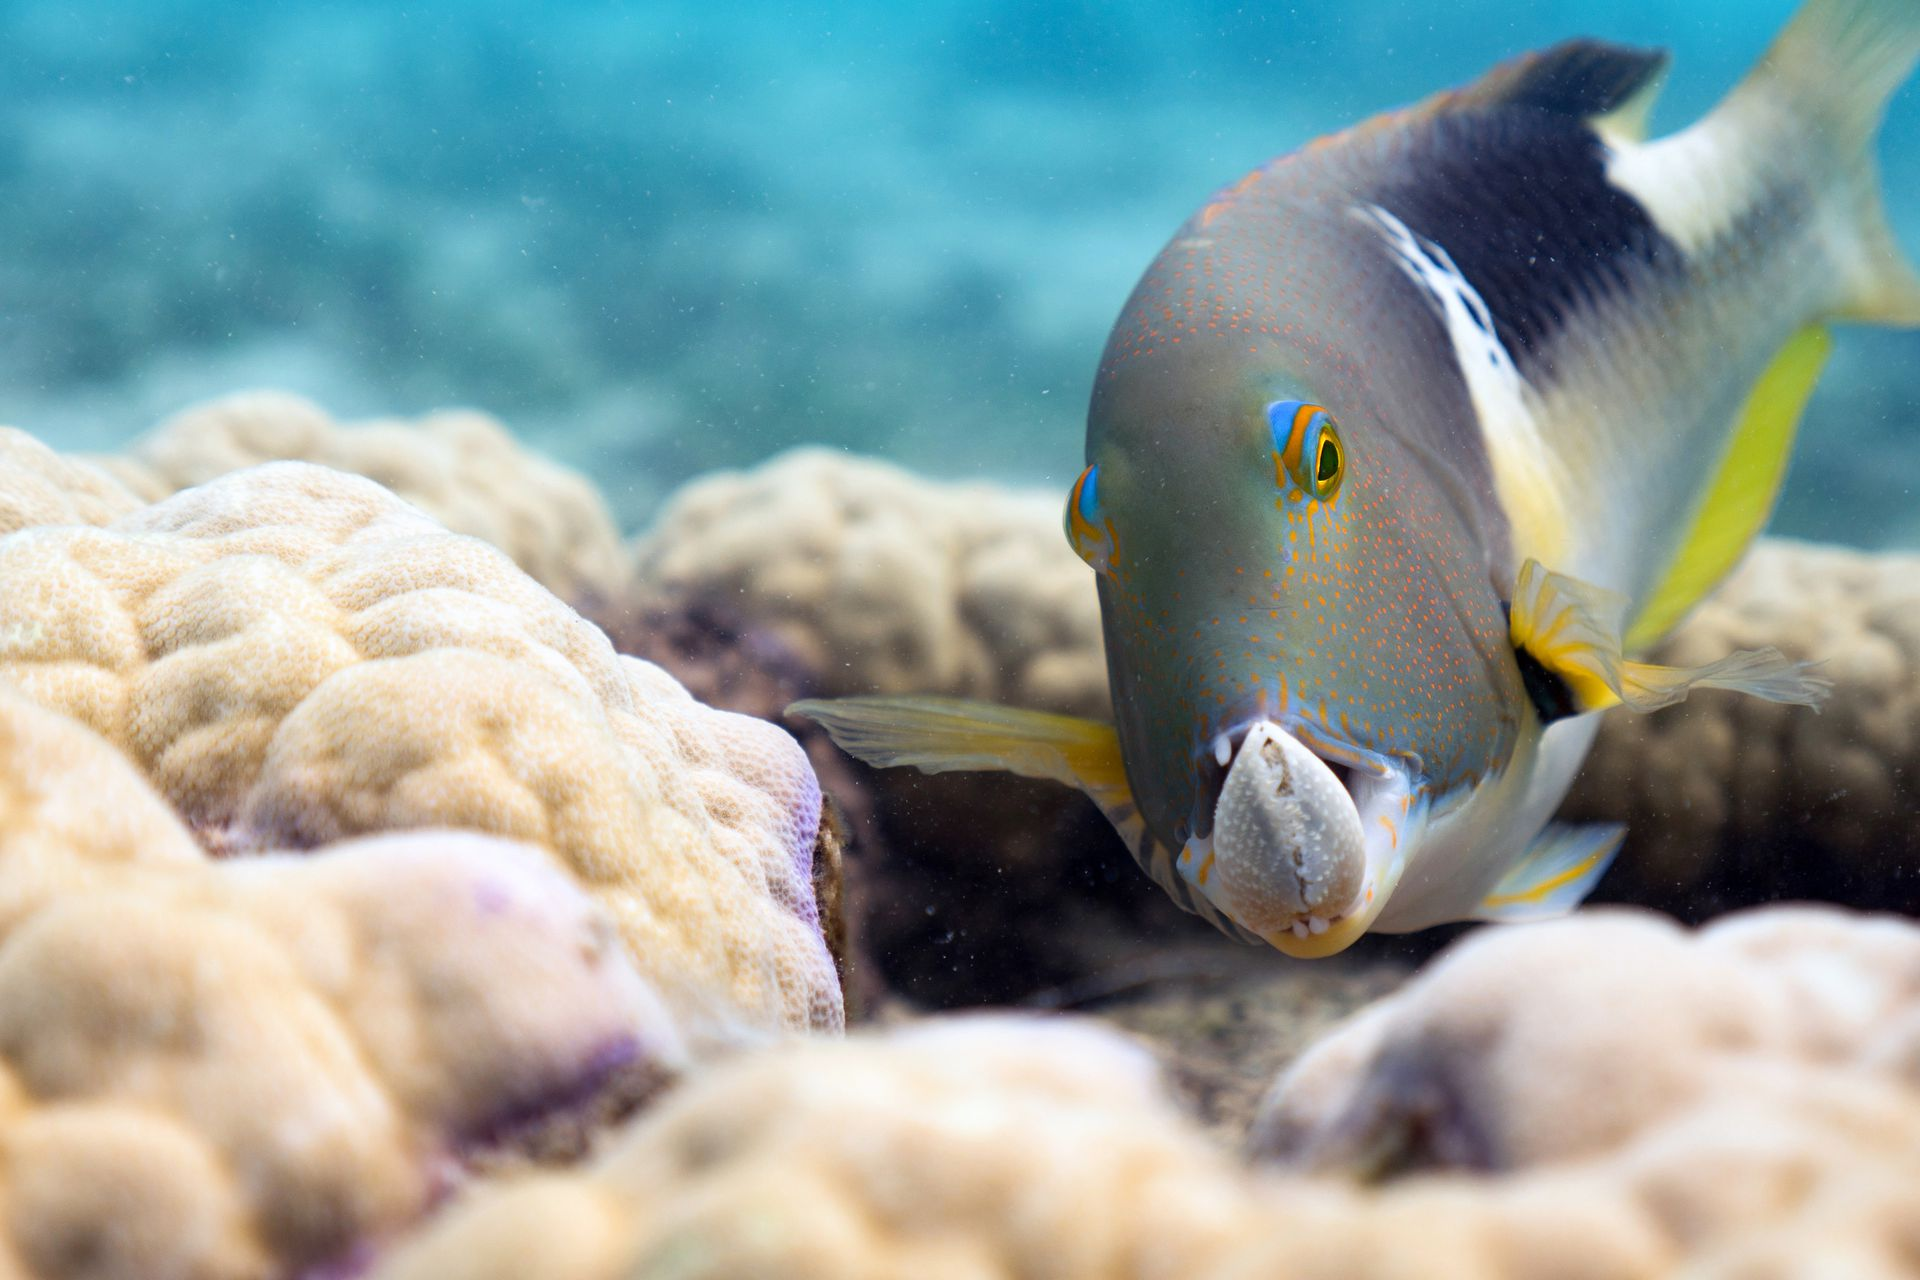 Choerodon anchorago (vieja de colmillos) sostiene una almeja con sus fauces formidables en la Gran Barrera de Coral, Australia. Son uno de los pocos peces de los arrecifes de coral que utilizan afloramientos de coral como herramienta